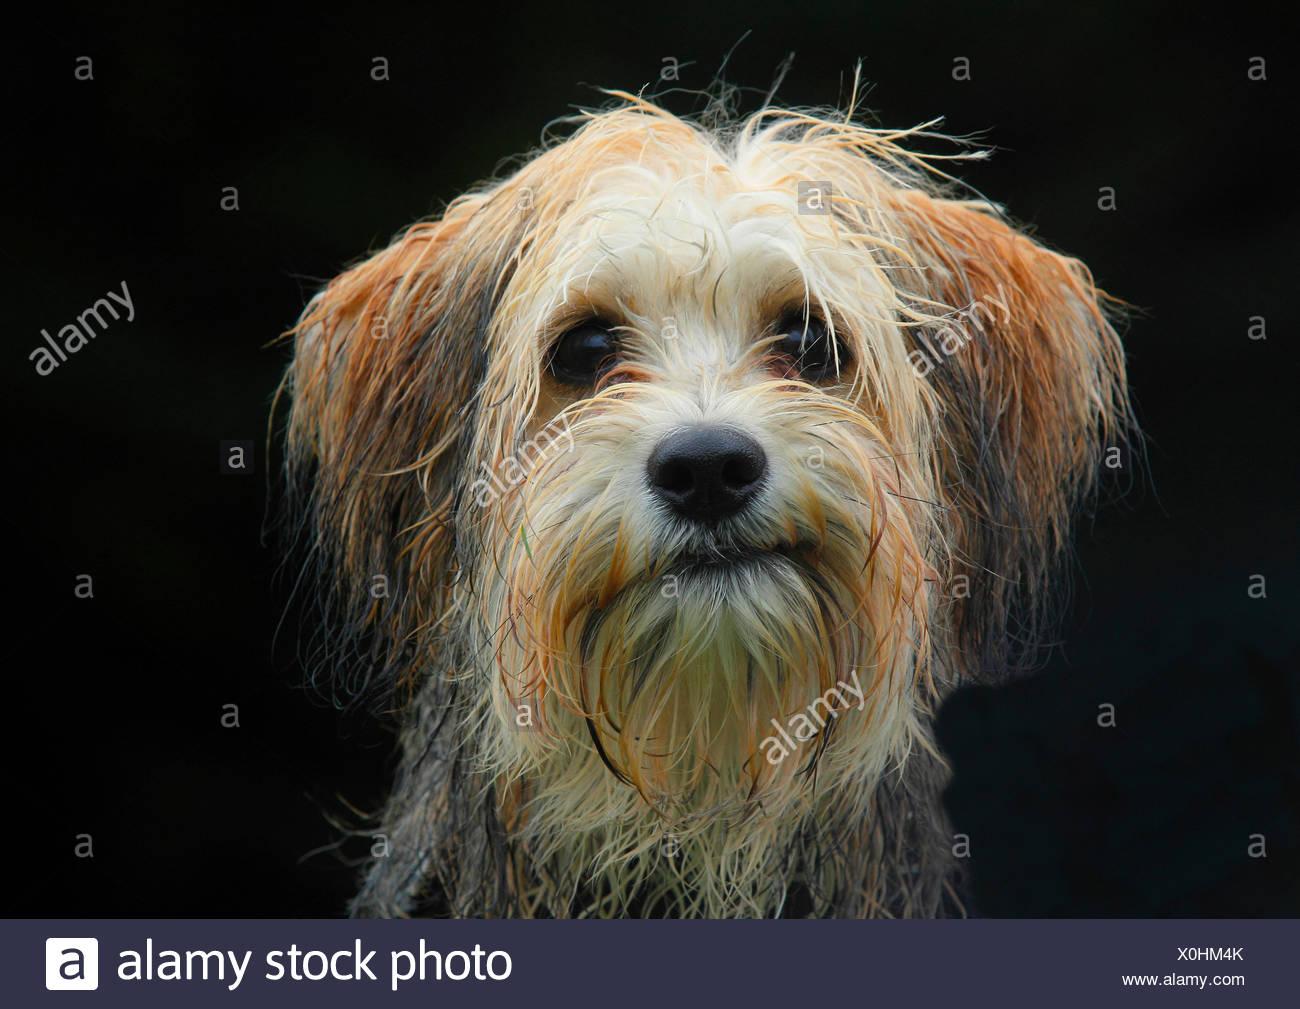 Dog (Canis lupus f. familiaris), cinq mois mâle Chihuahua maltais mixed breed dog, portrait sur fond noir, Allemagne Photo Stock